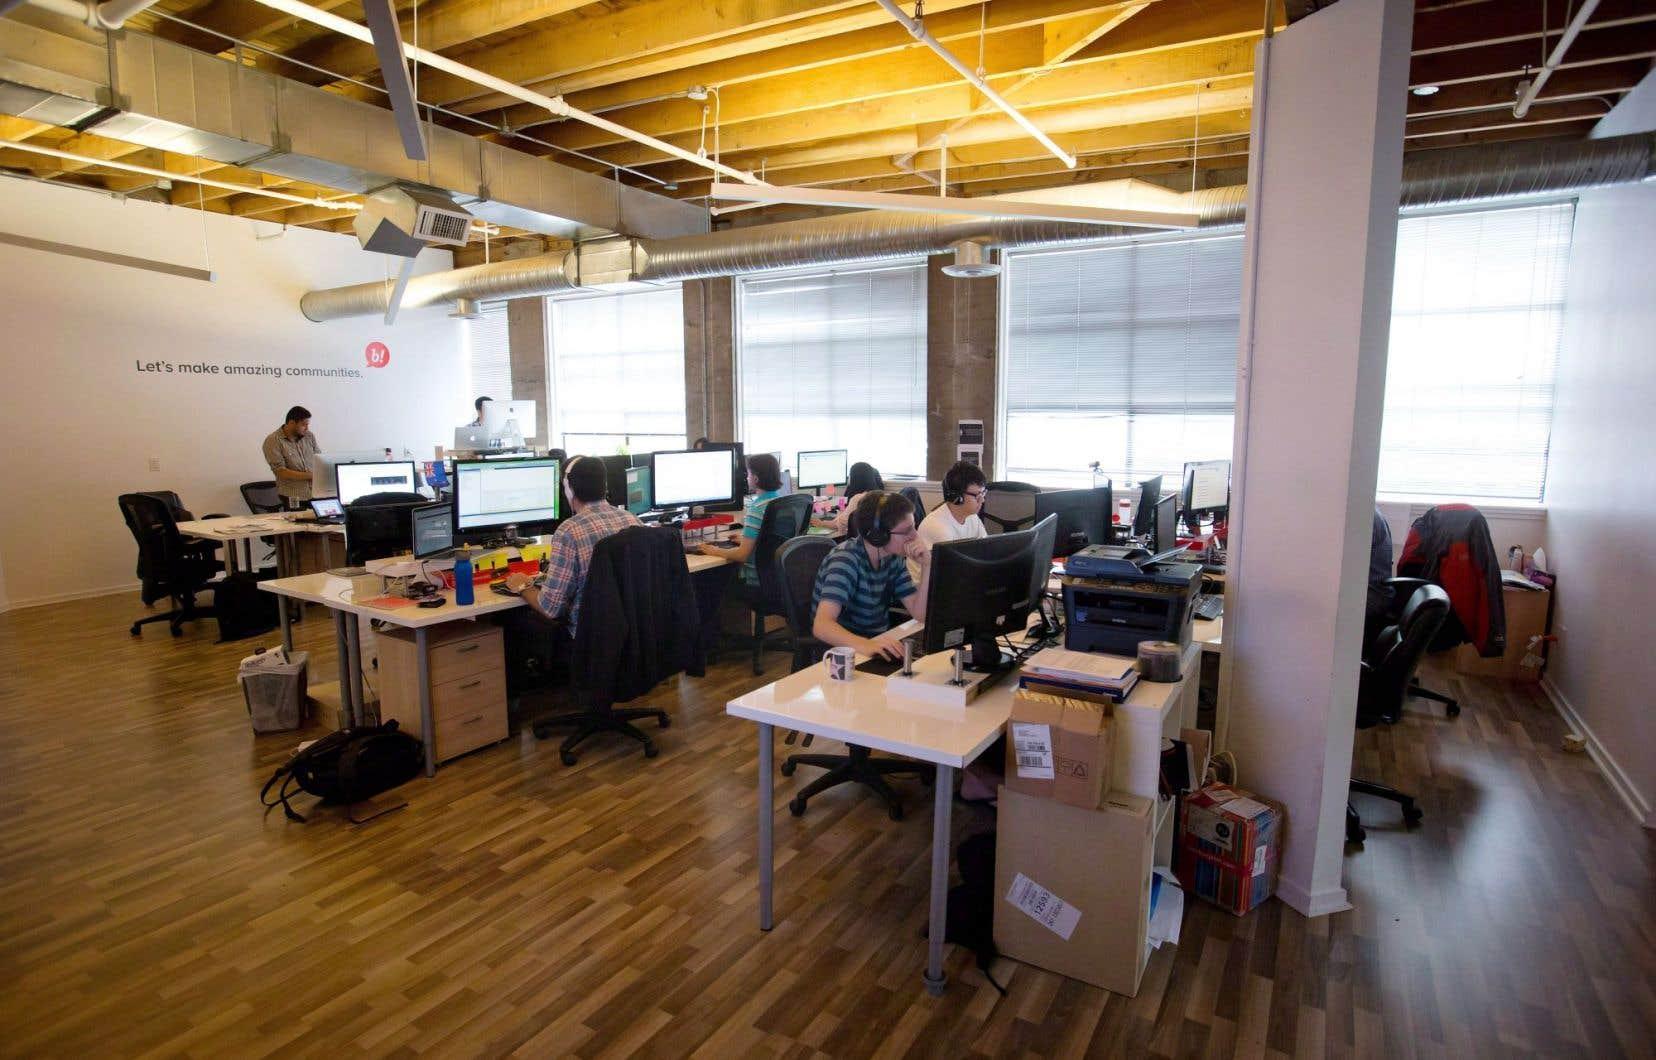 Les bureaux de la compagnie de télécommunication Bazinga! à Vancouver